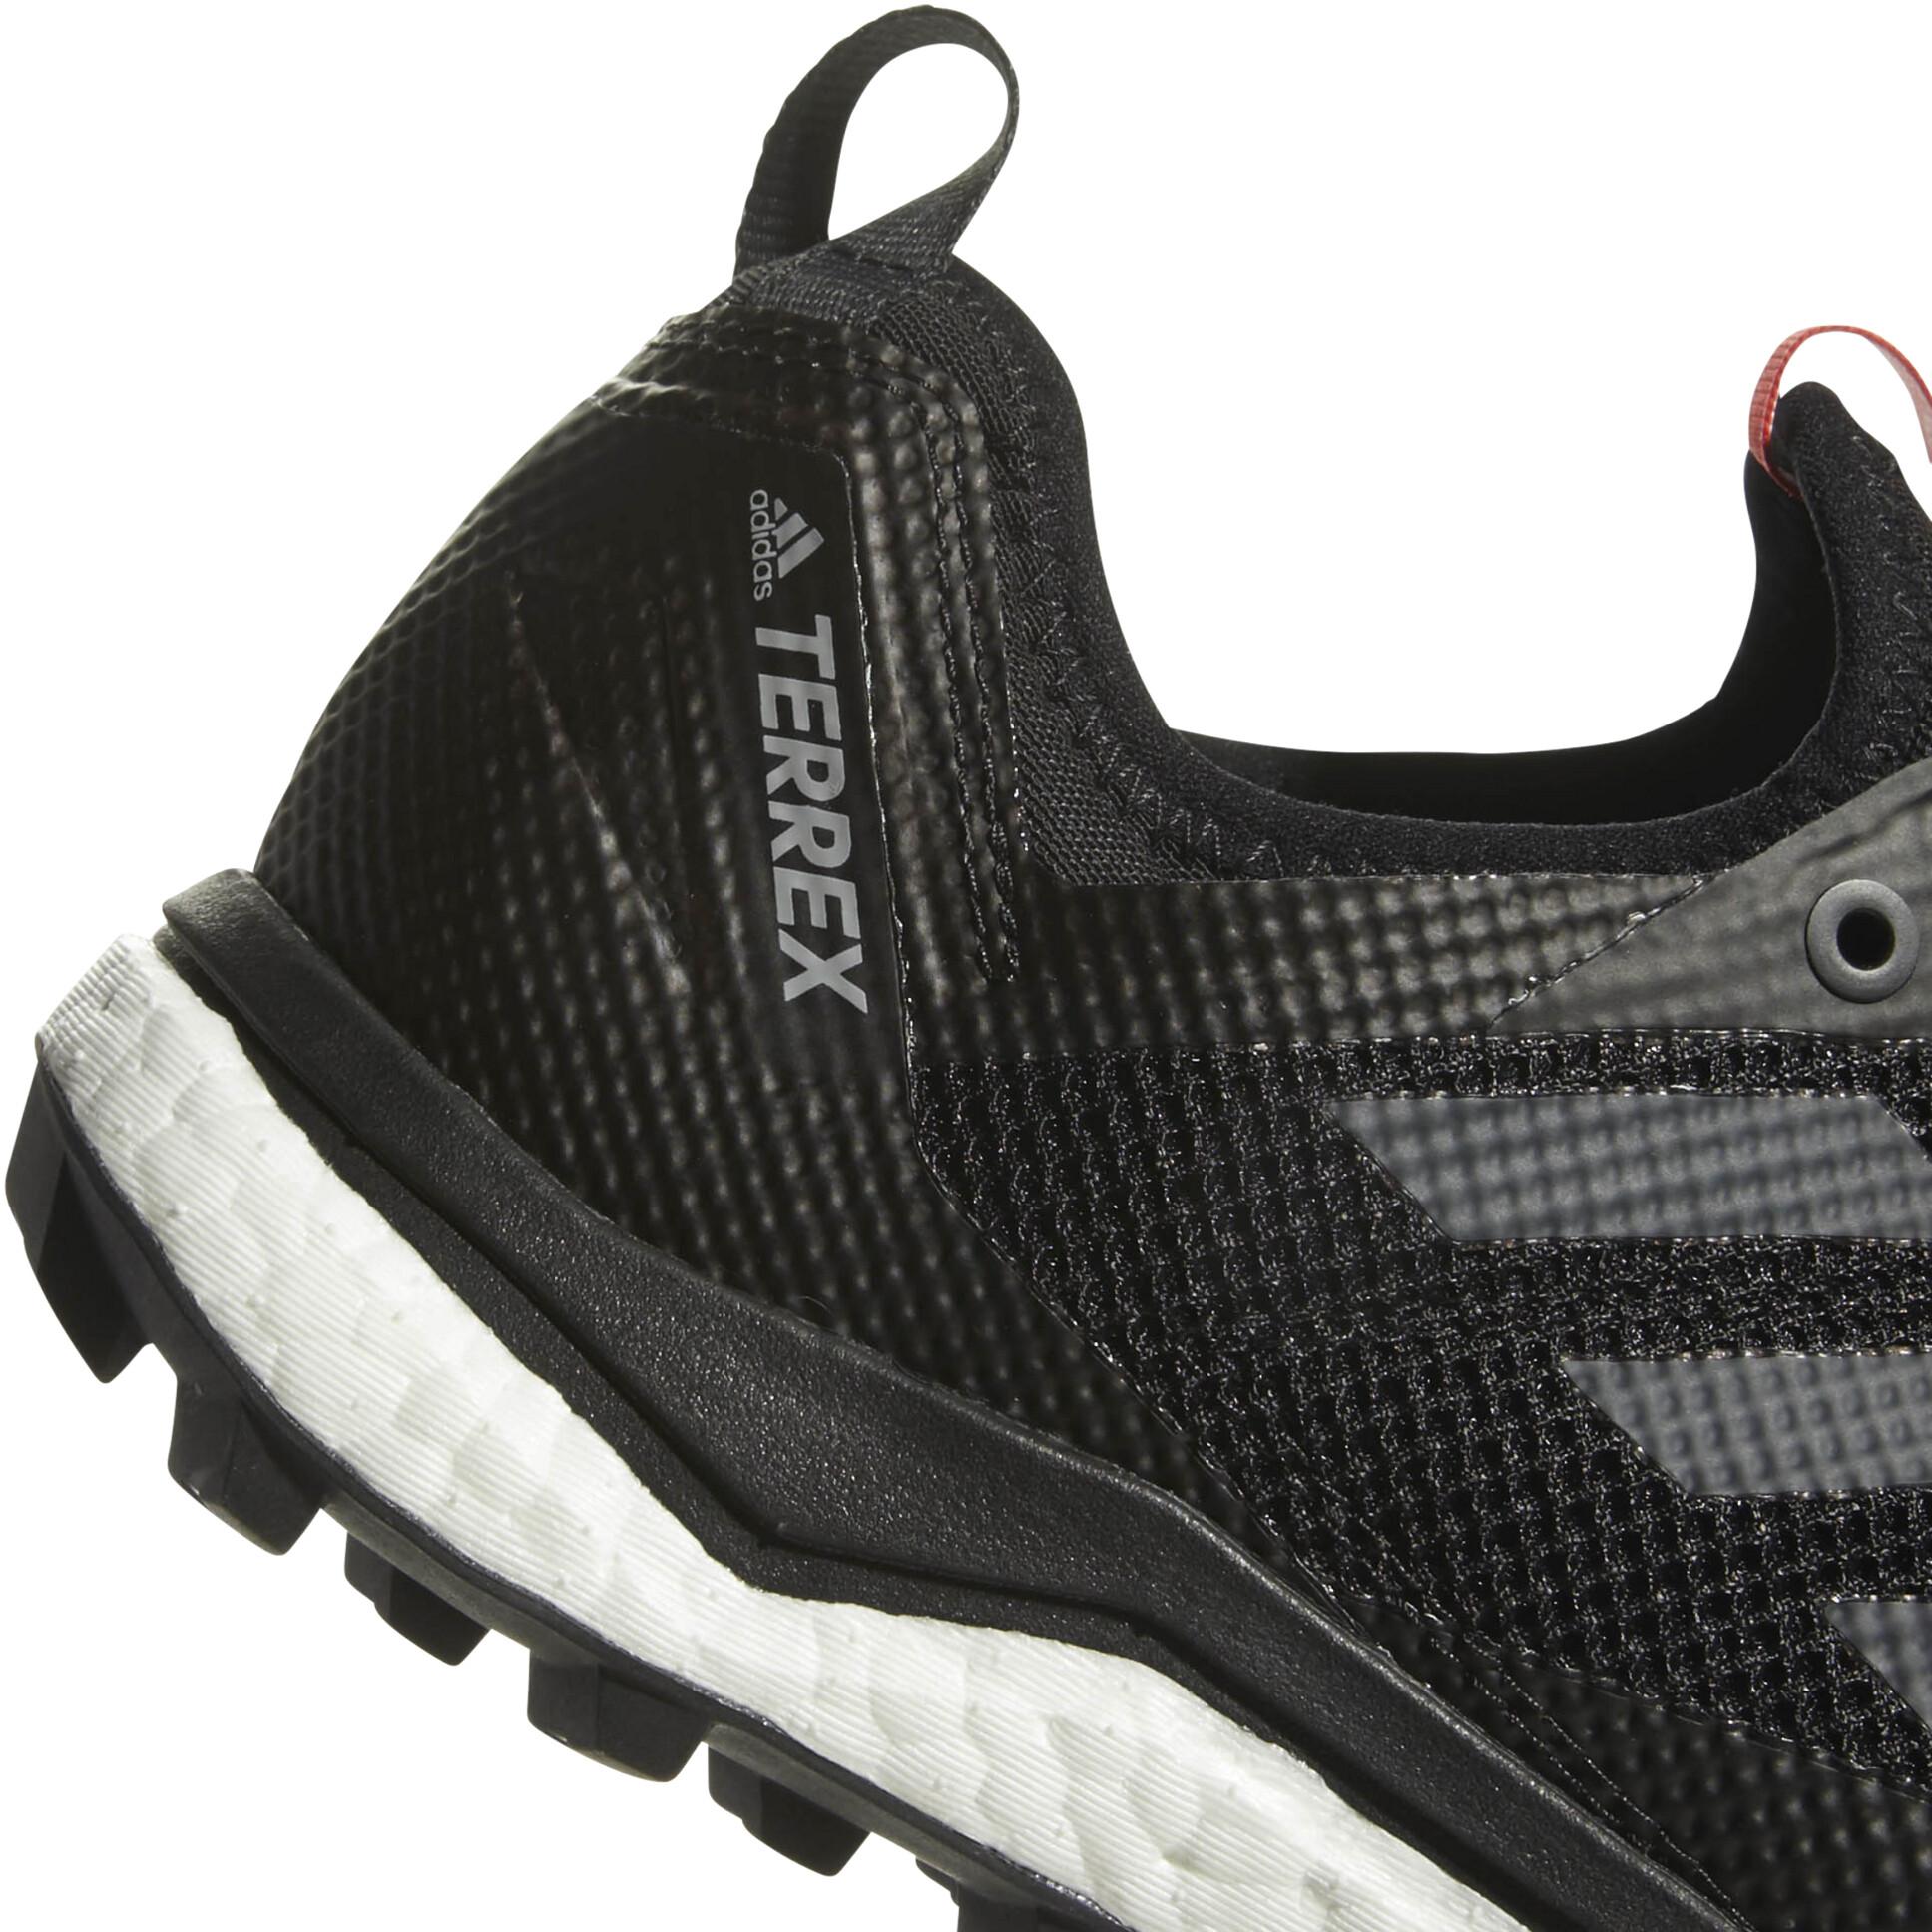 save off 2d1a8 07a31 adidas TERREX Agravic XT GTX - Chaussures running Homme - noir